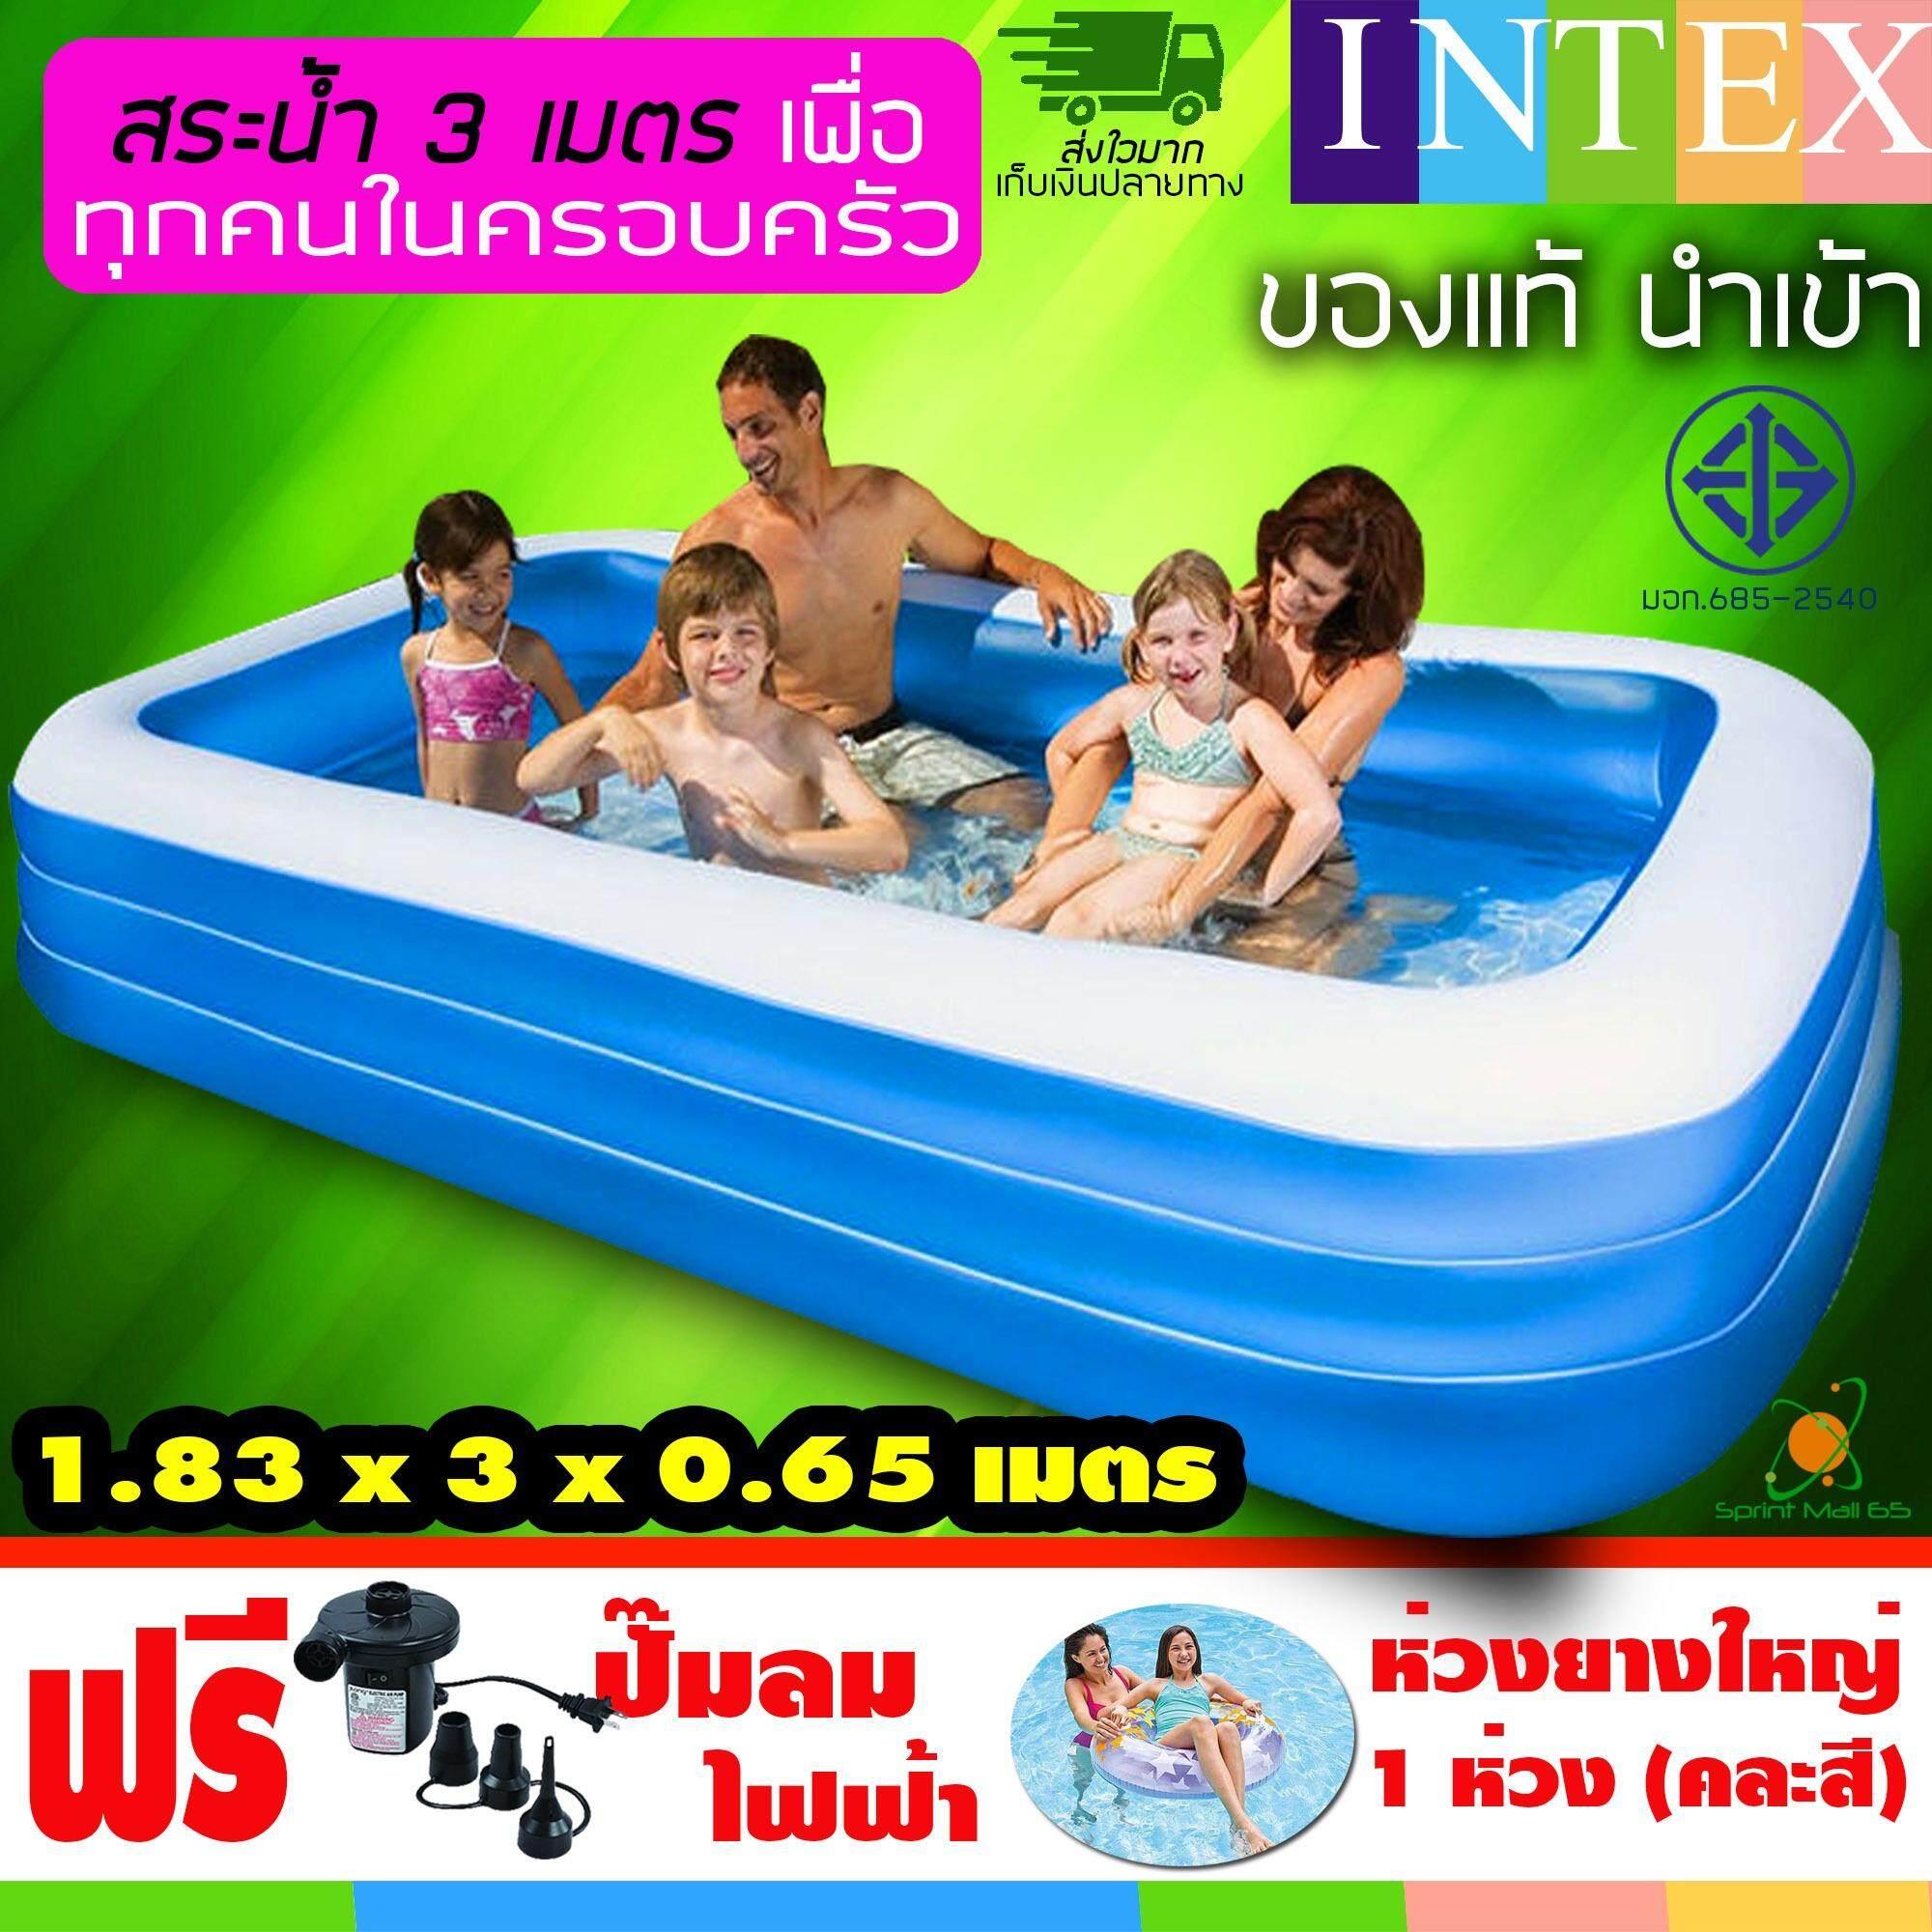 ส่วนลด Intex สระว่ายน้ำเป่าลมเด็ก สระว่ายน้ำเป่าลม สระเป่าลม Intex Swim Center Family Pool สำหรับครอบครัว 3ชั้น รุ่น 58484 ขนาด 3 เมตร ลึก 56 ซม สระน้ำเป่าลม สระน้ำ สระว่ายน้ำเด็ก สระน้ำเป่าลม Intex สระเป่าลม สระน้ำเด็ก สระว่ายน้ำ Intex สระว่ายน้ำยาง กรุงเทพมหานคร